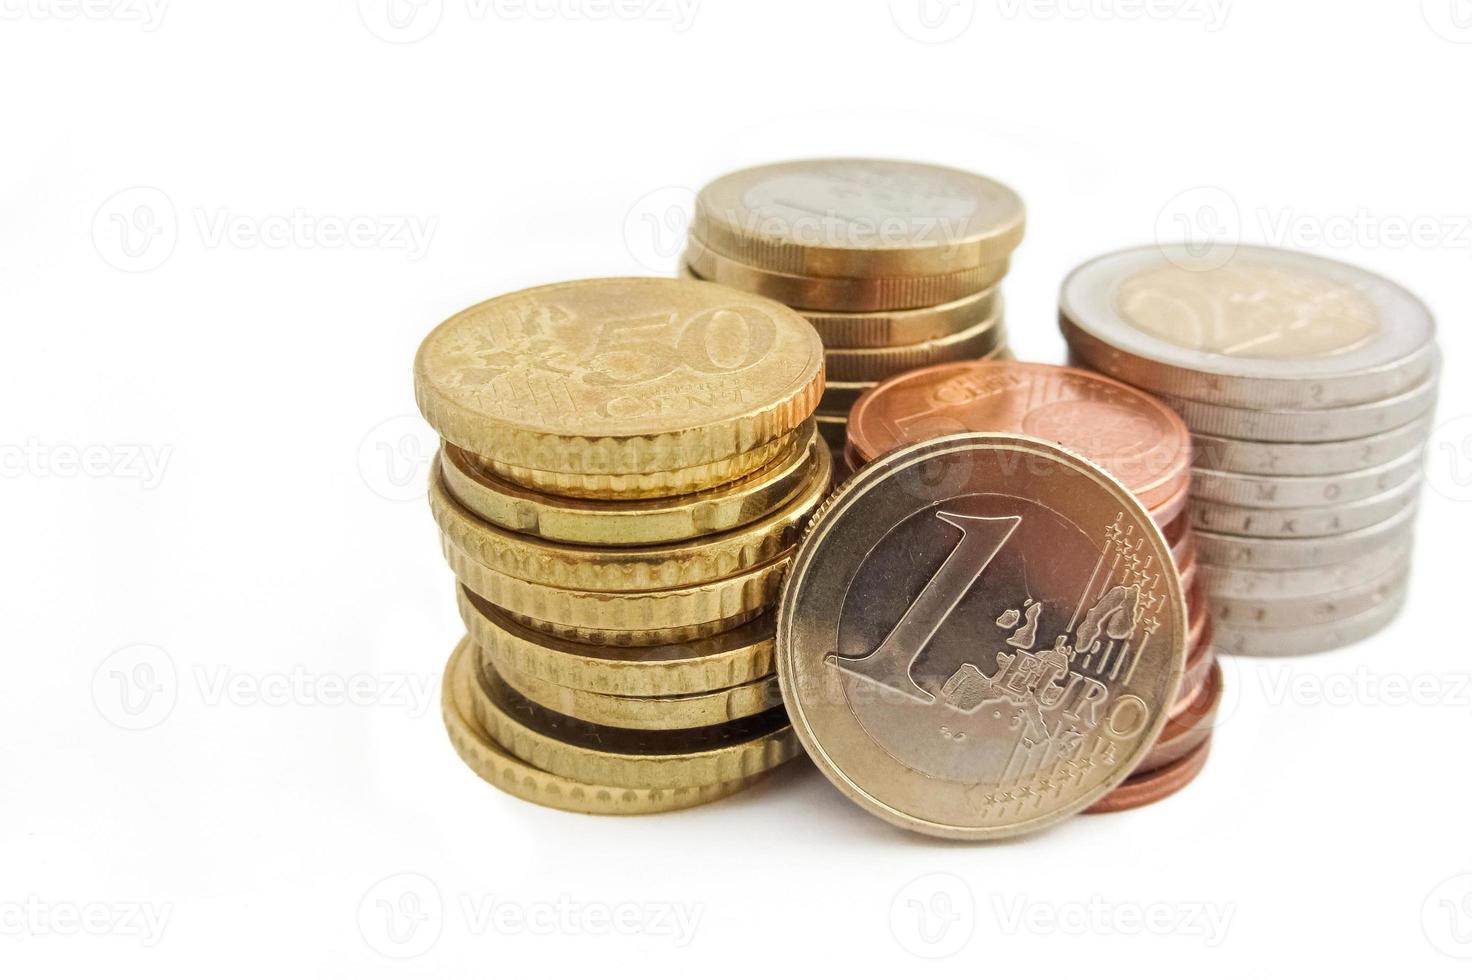 bunt med europeiska euromynt i bakgrund foto